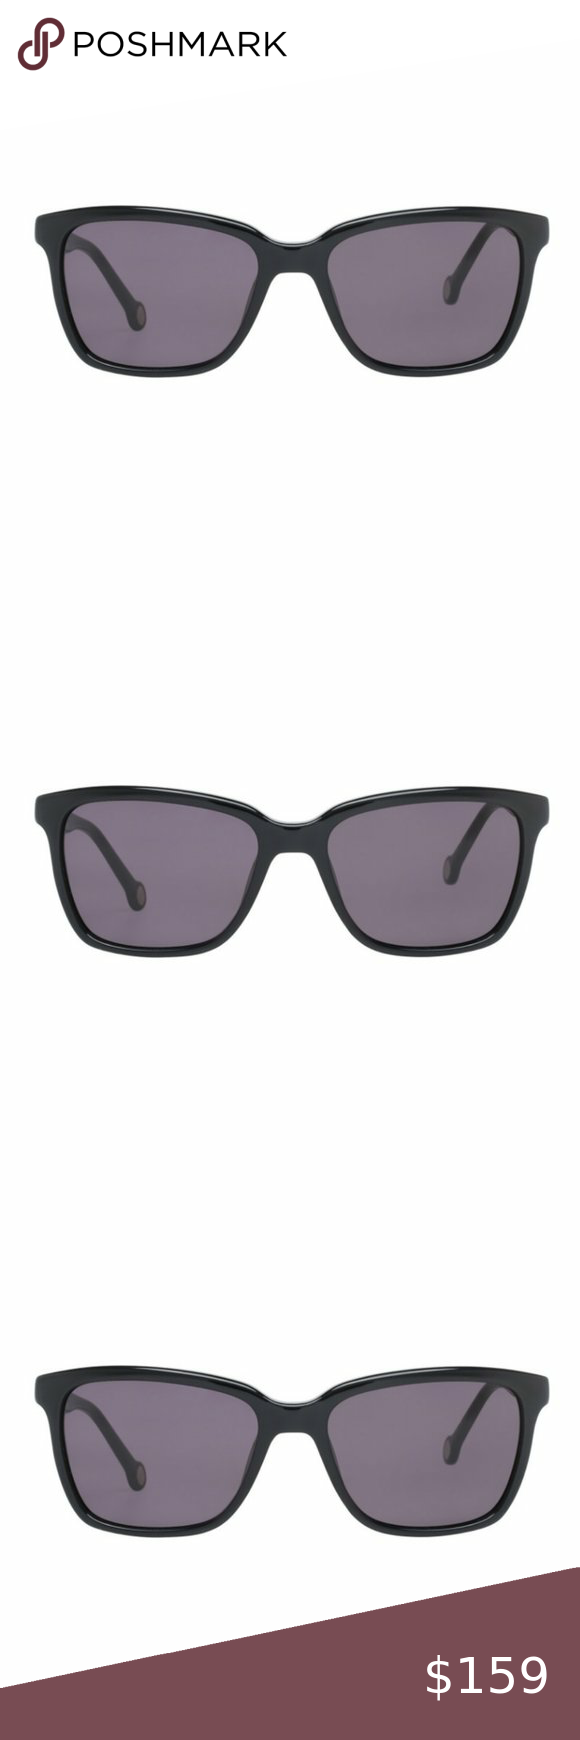 Carolina Herrera She 692 700f 54 Sunglasses Sunglasses Sunglasses Accessories Carolina Herrera